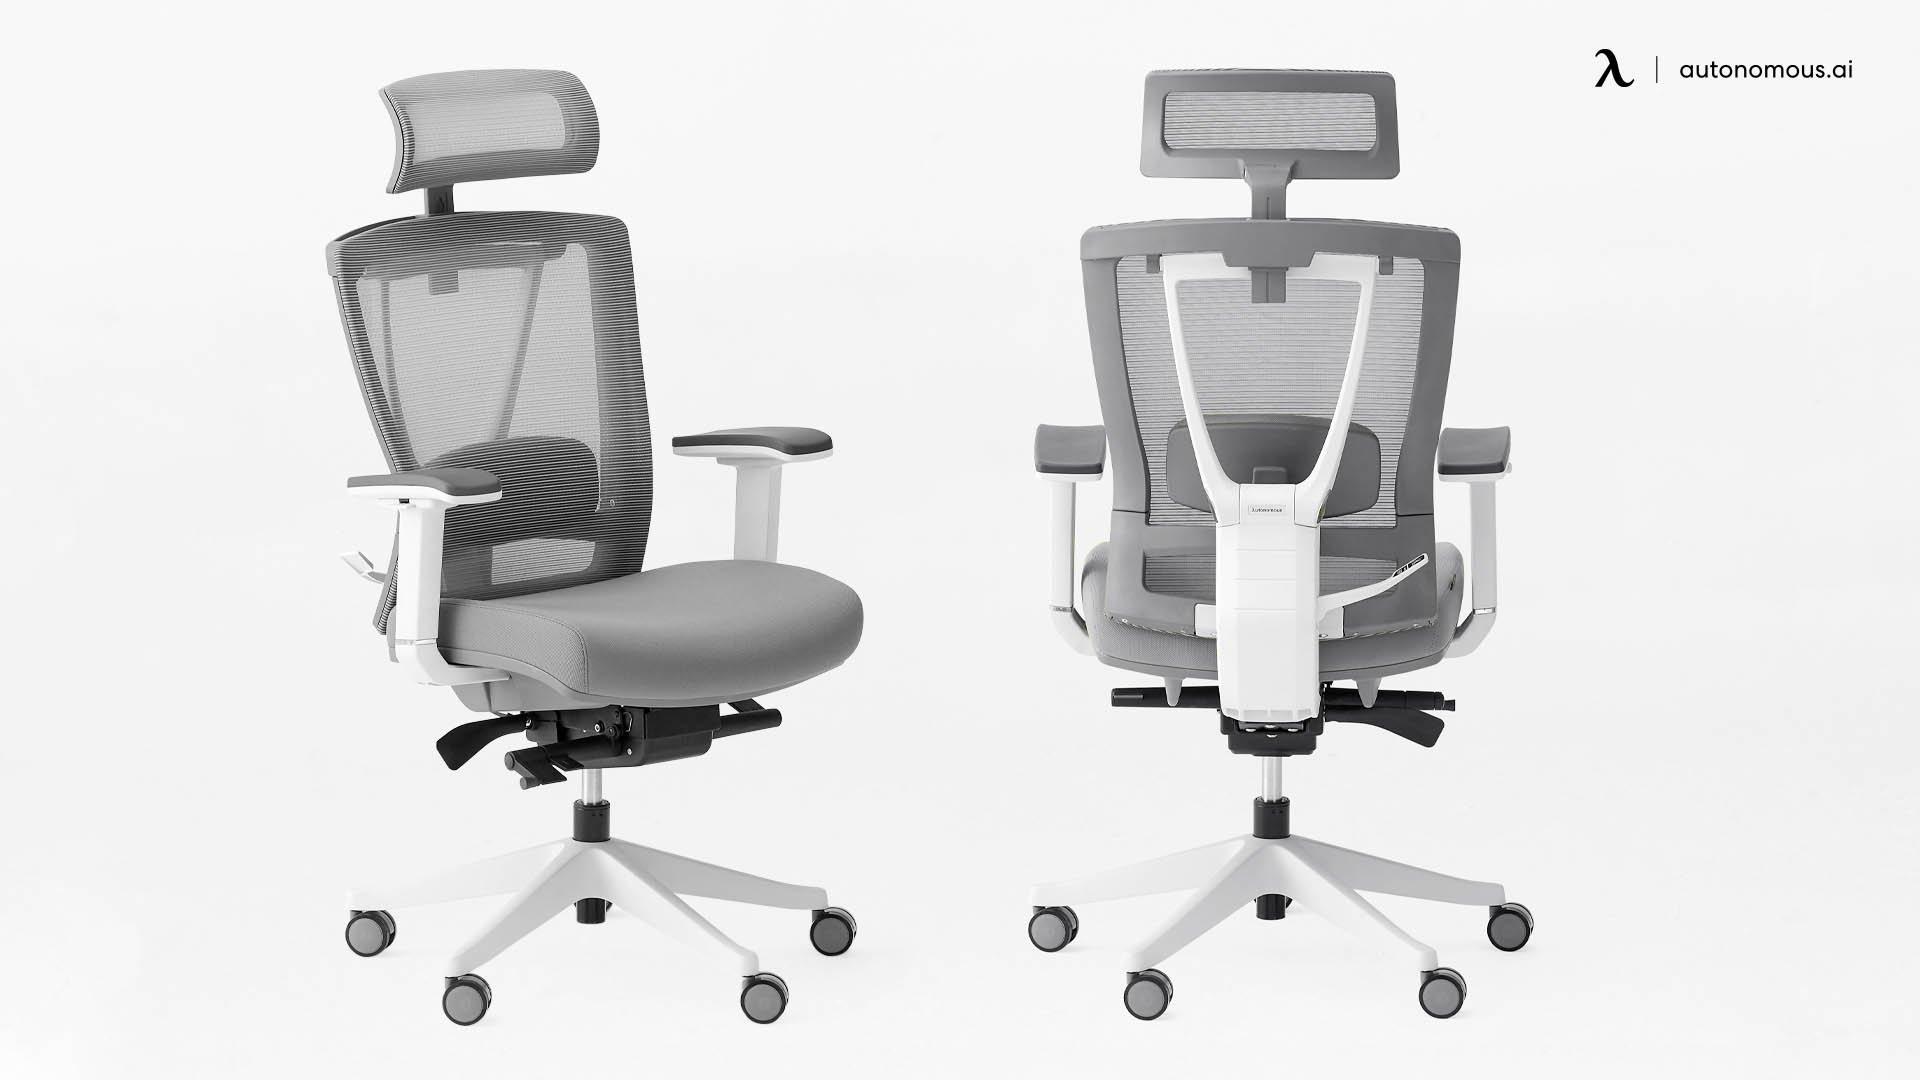 Autonomous Ergo Chair Pro